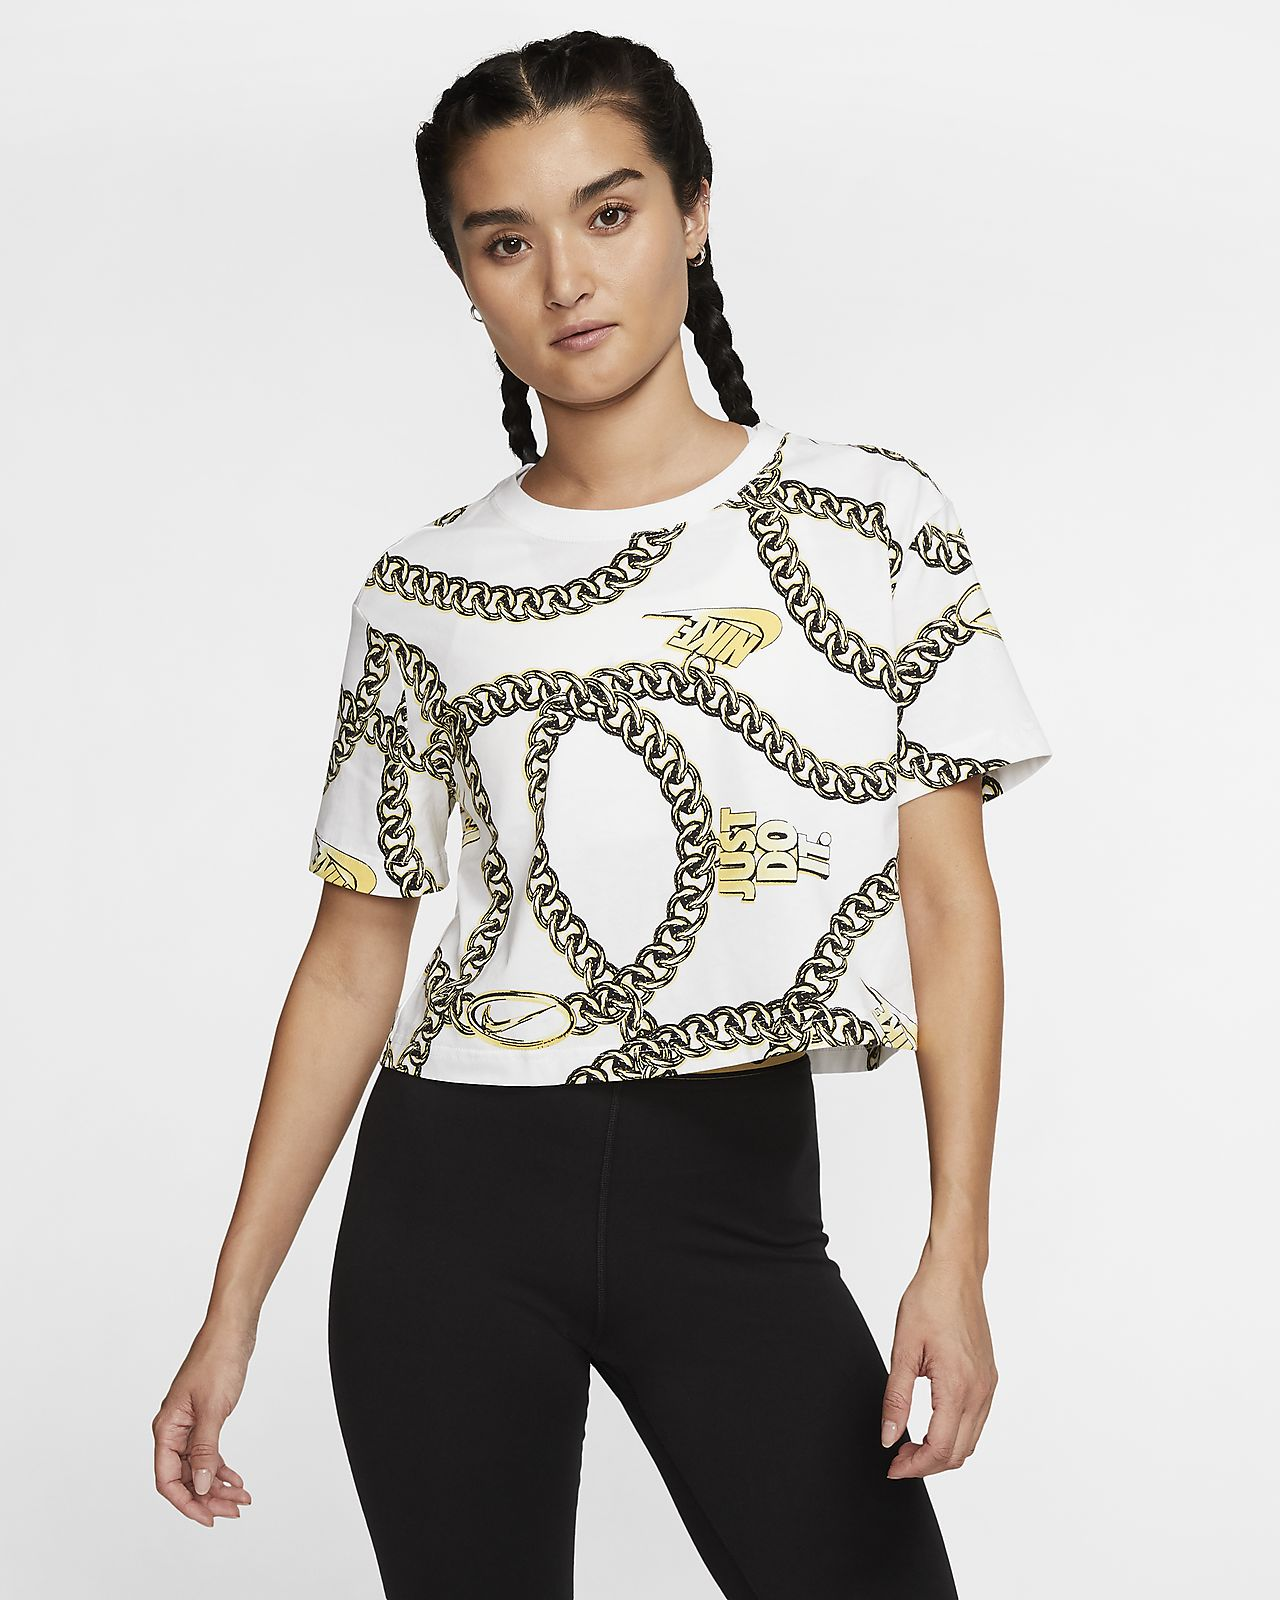 Nike Sportswear Women's Short-Sleeve Crop Top